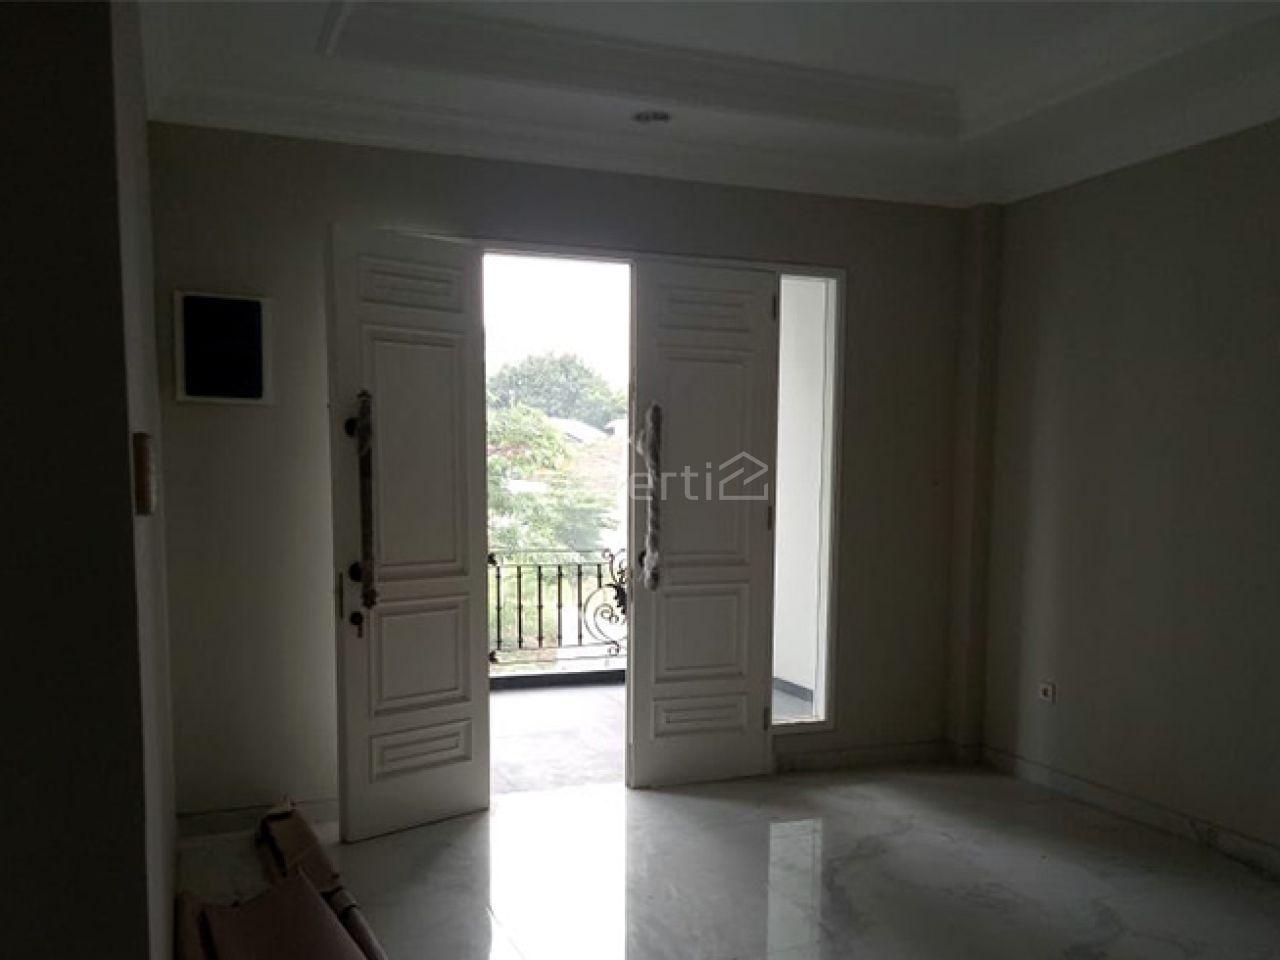 Rumah Baru 3 Lantai di Tengah Kota Sekitar Mampang, Jakarta Selatan